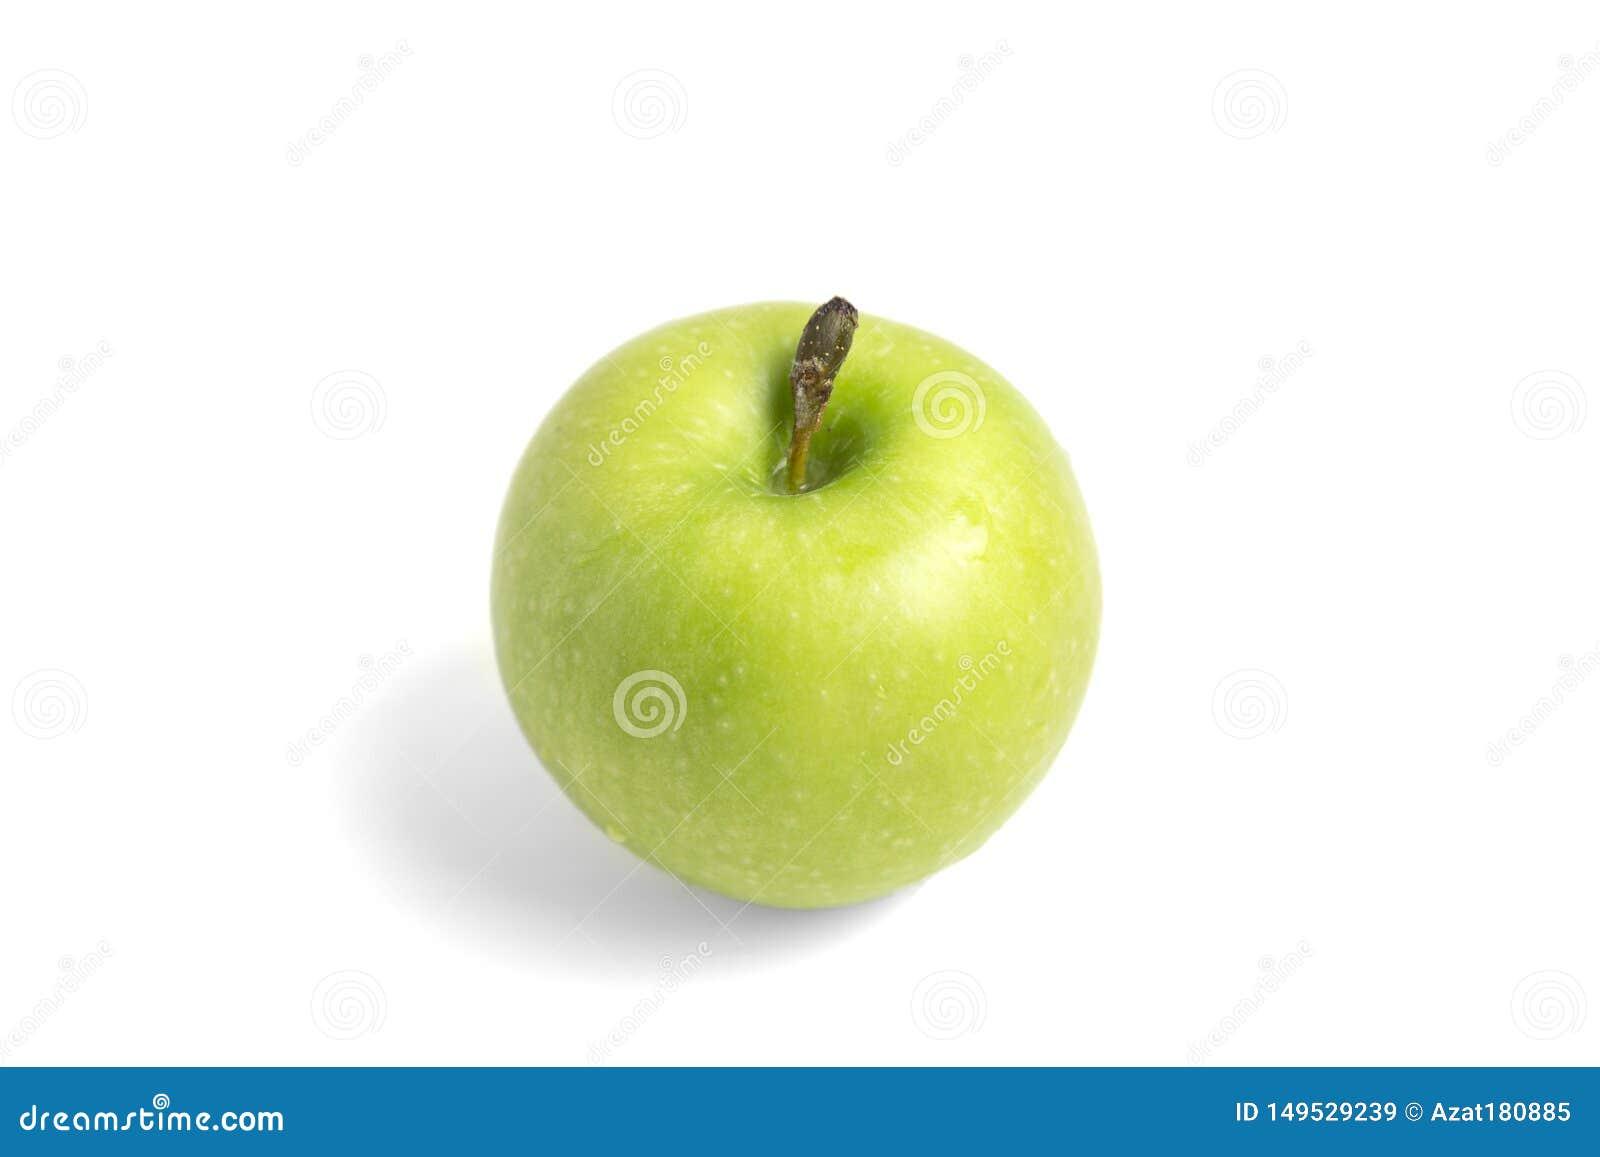 Gr?ner Apfel getrennt auf wei?em Hintergrund